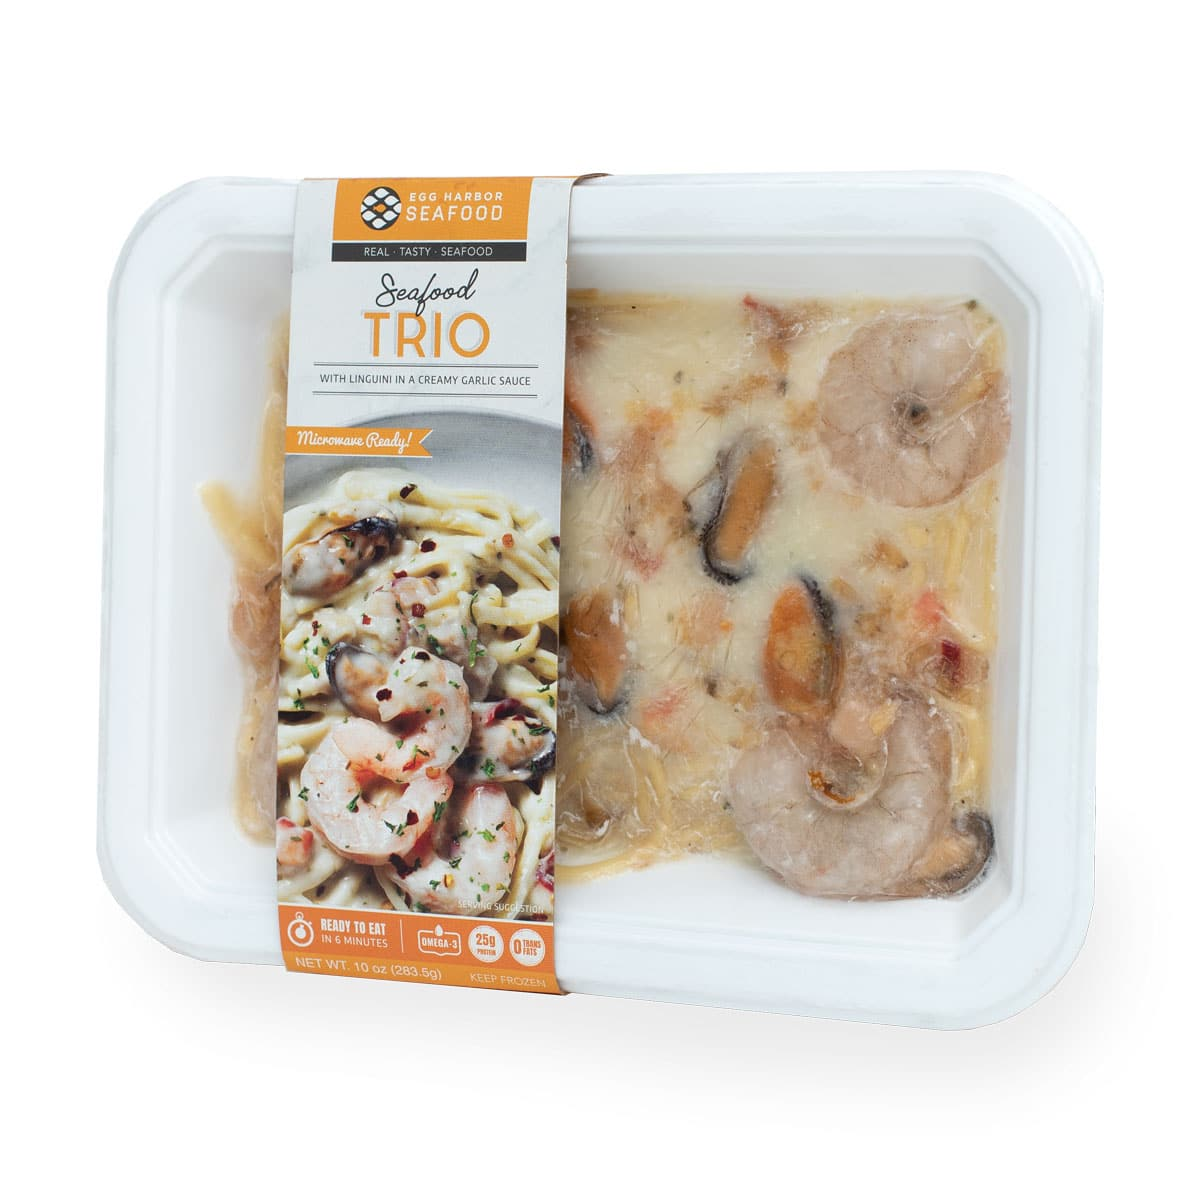 Egg Harbor Seafood – Rastelli Foods Group